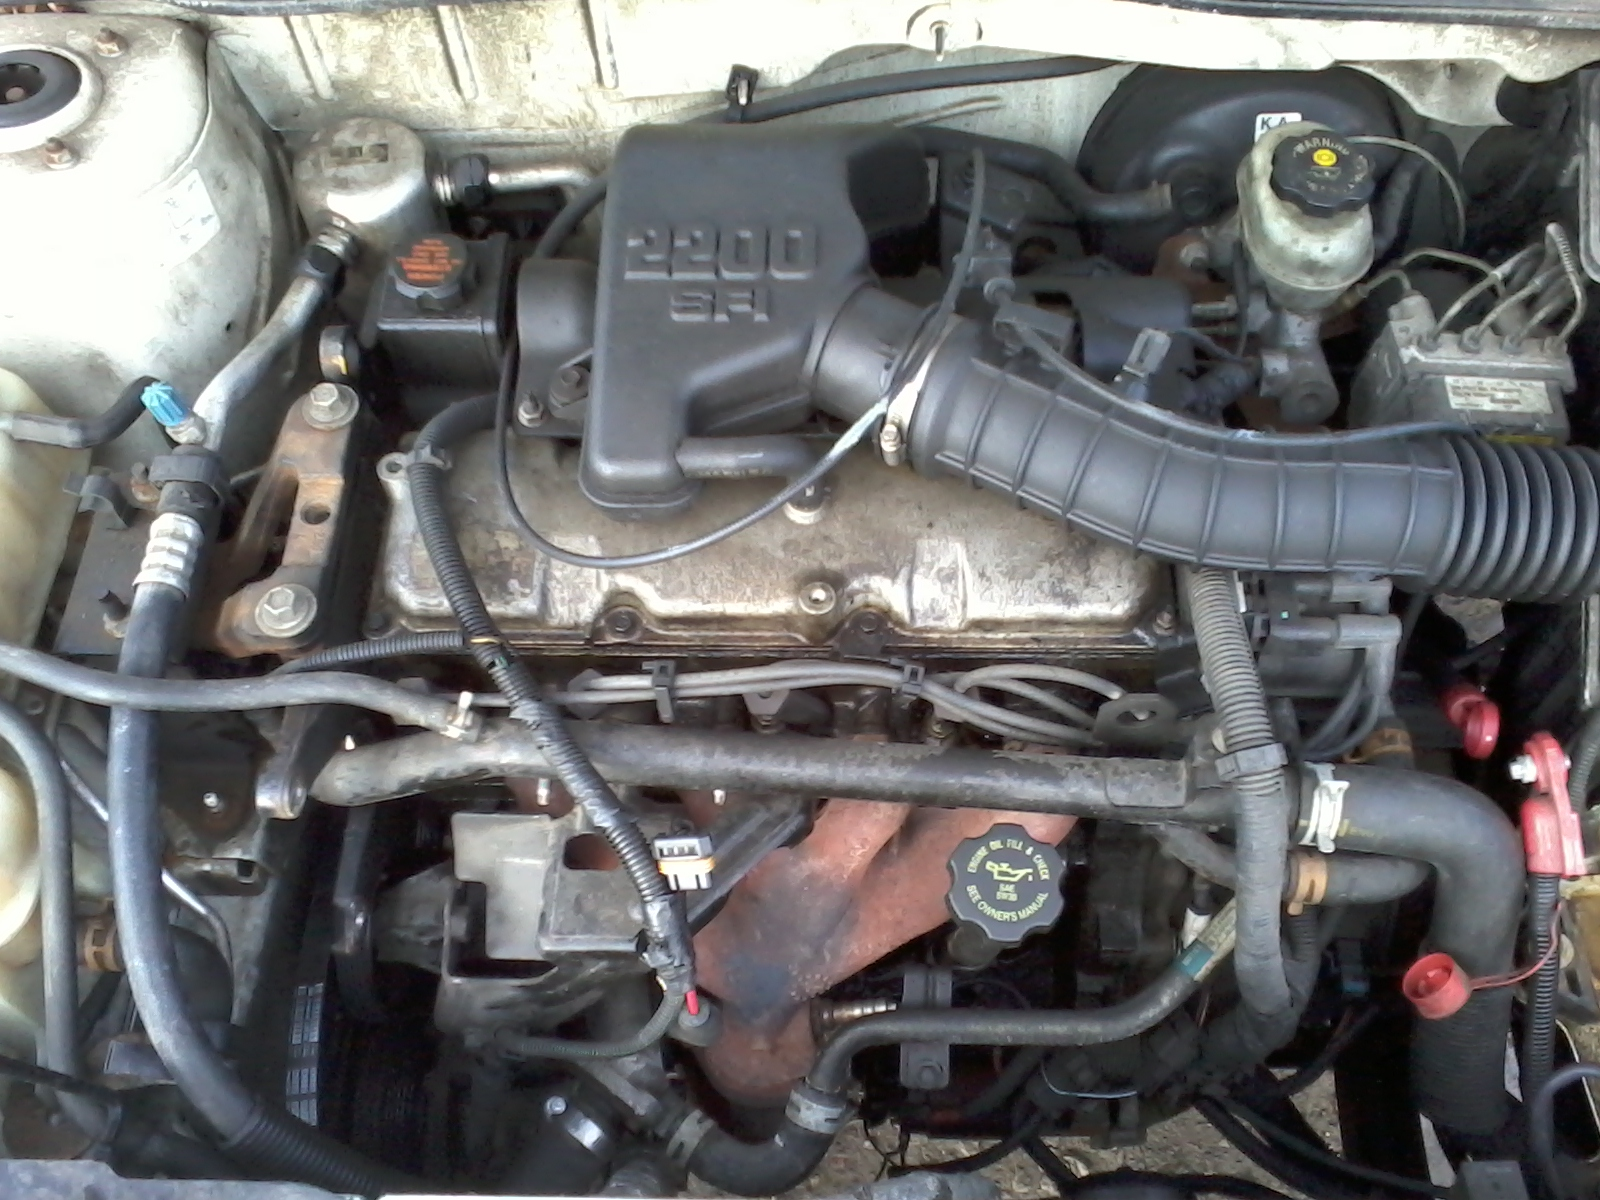 1996 cavalier 2 2 engine diagram 99 s10 2 2 engine diagram wiring diagram data  s10 2 2 engine diagram wiring diagram